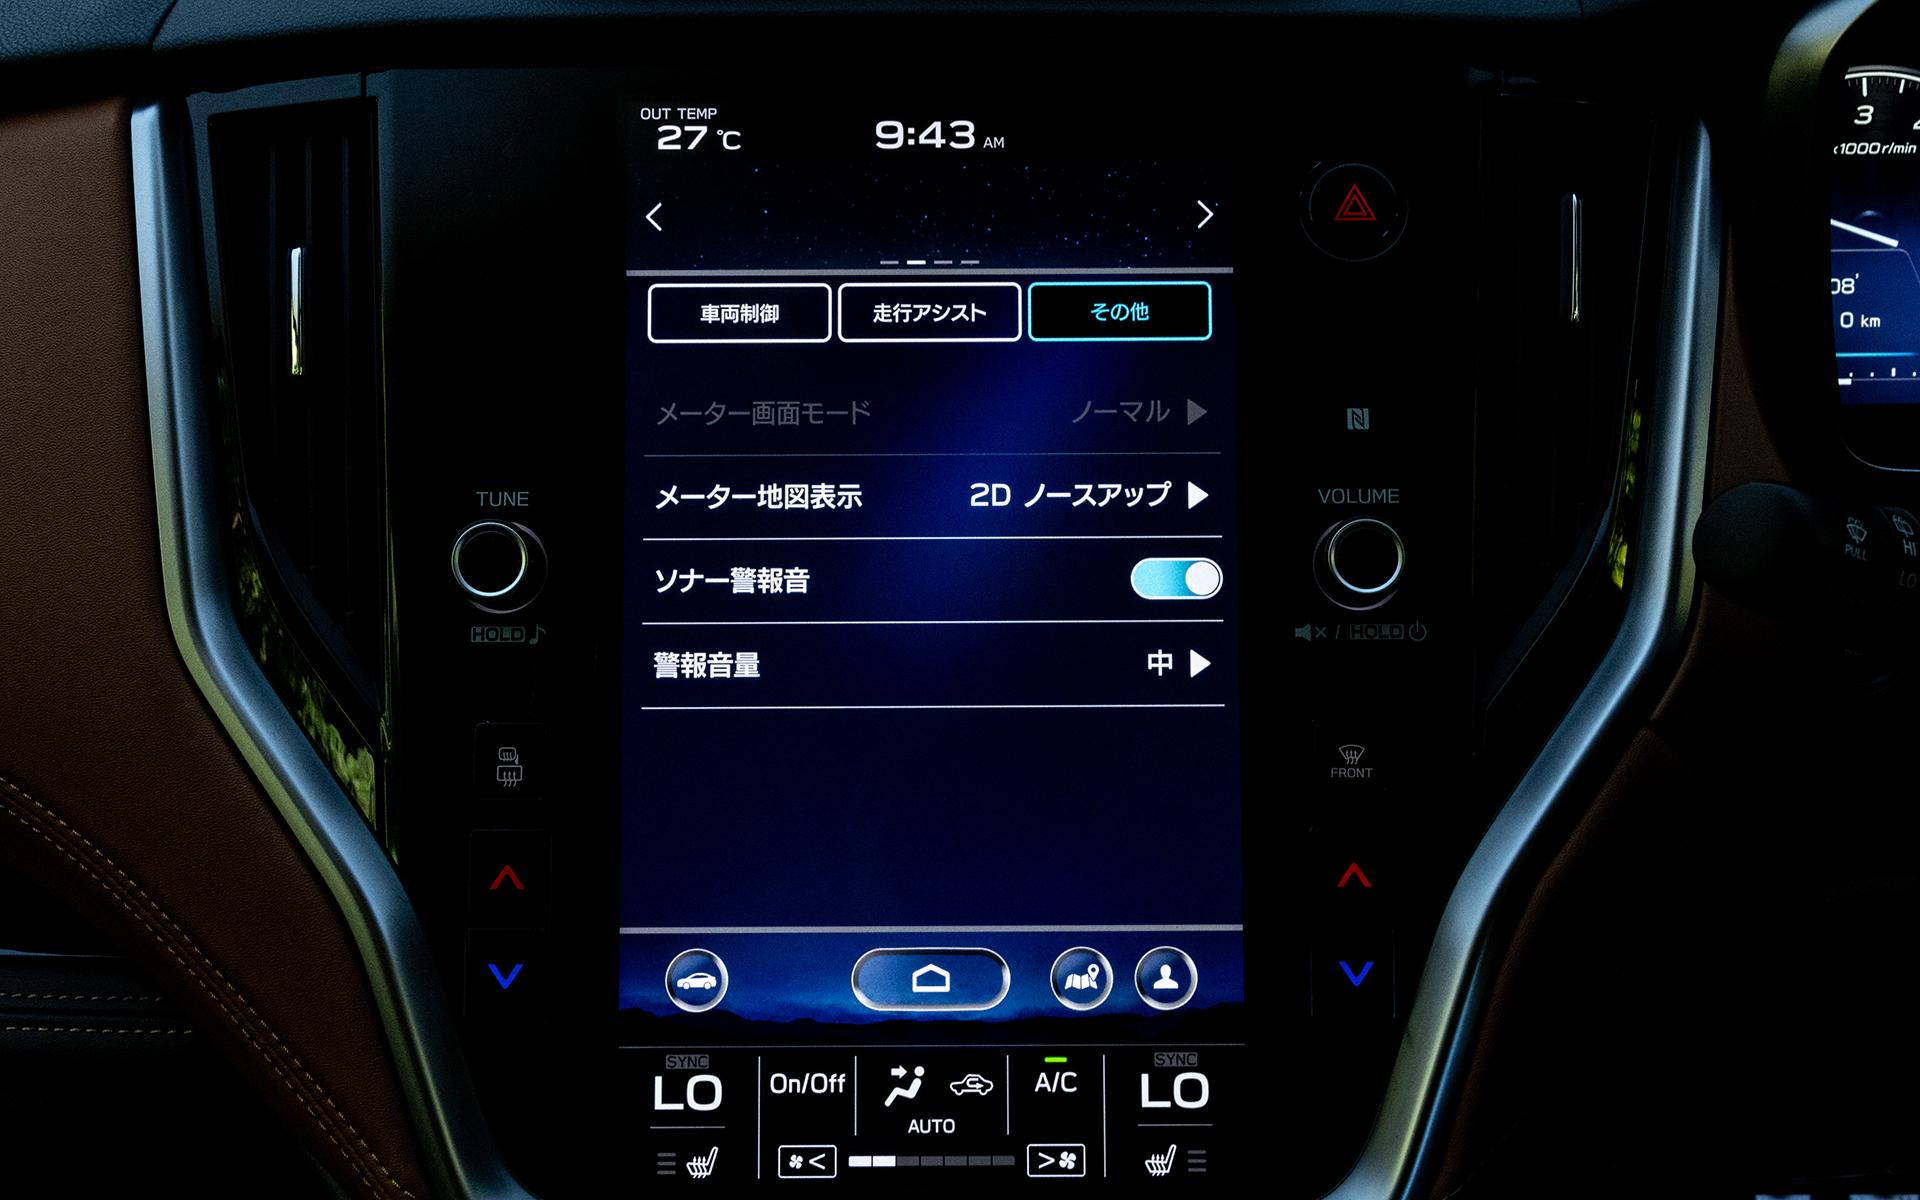 エアコンやナビゲーションのほか各種設定が可能。XモードもここでON/OFFが行なえる